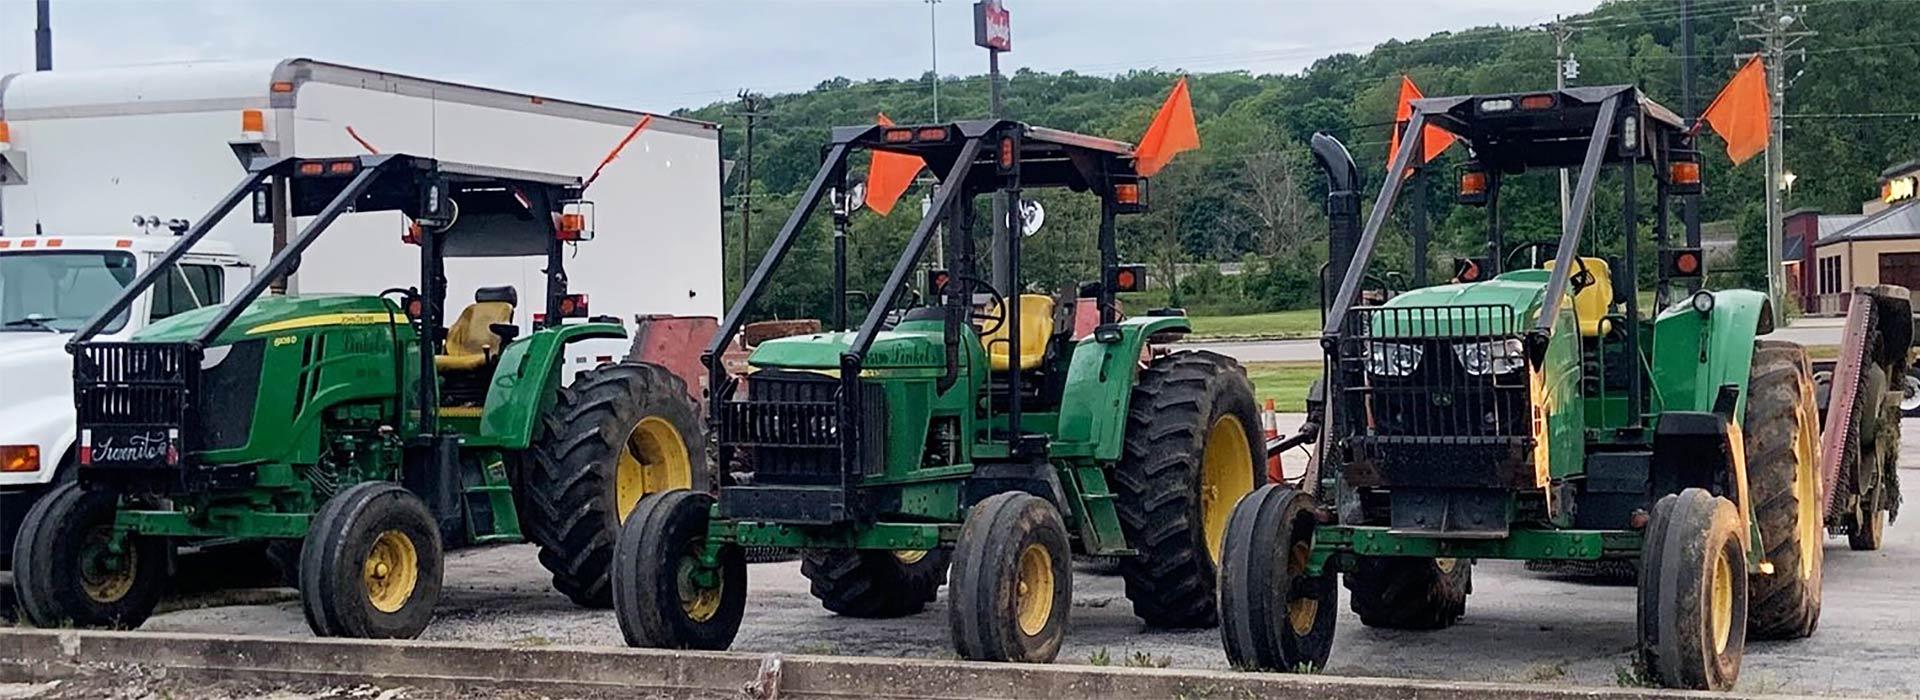 Linkel Company tractors